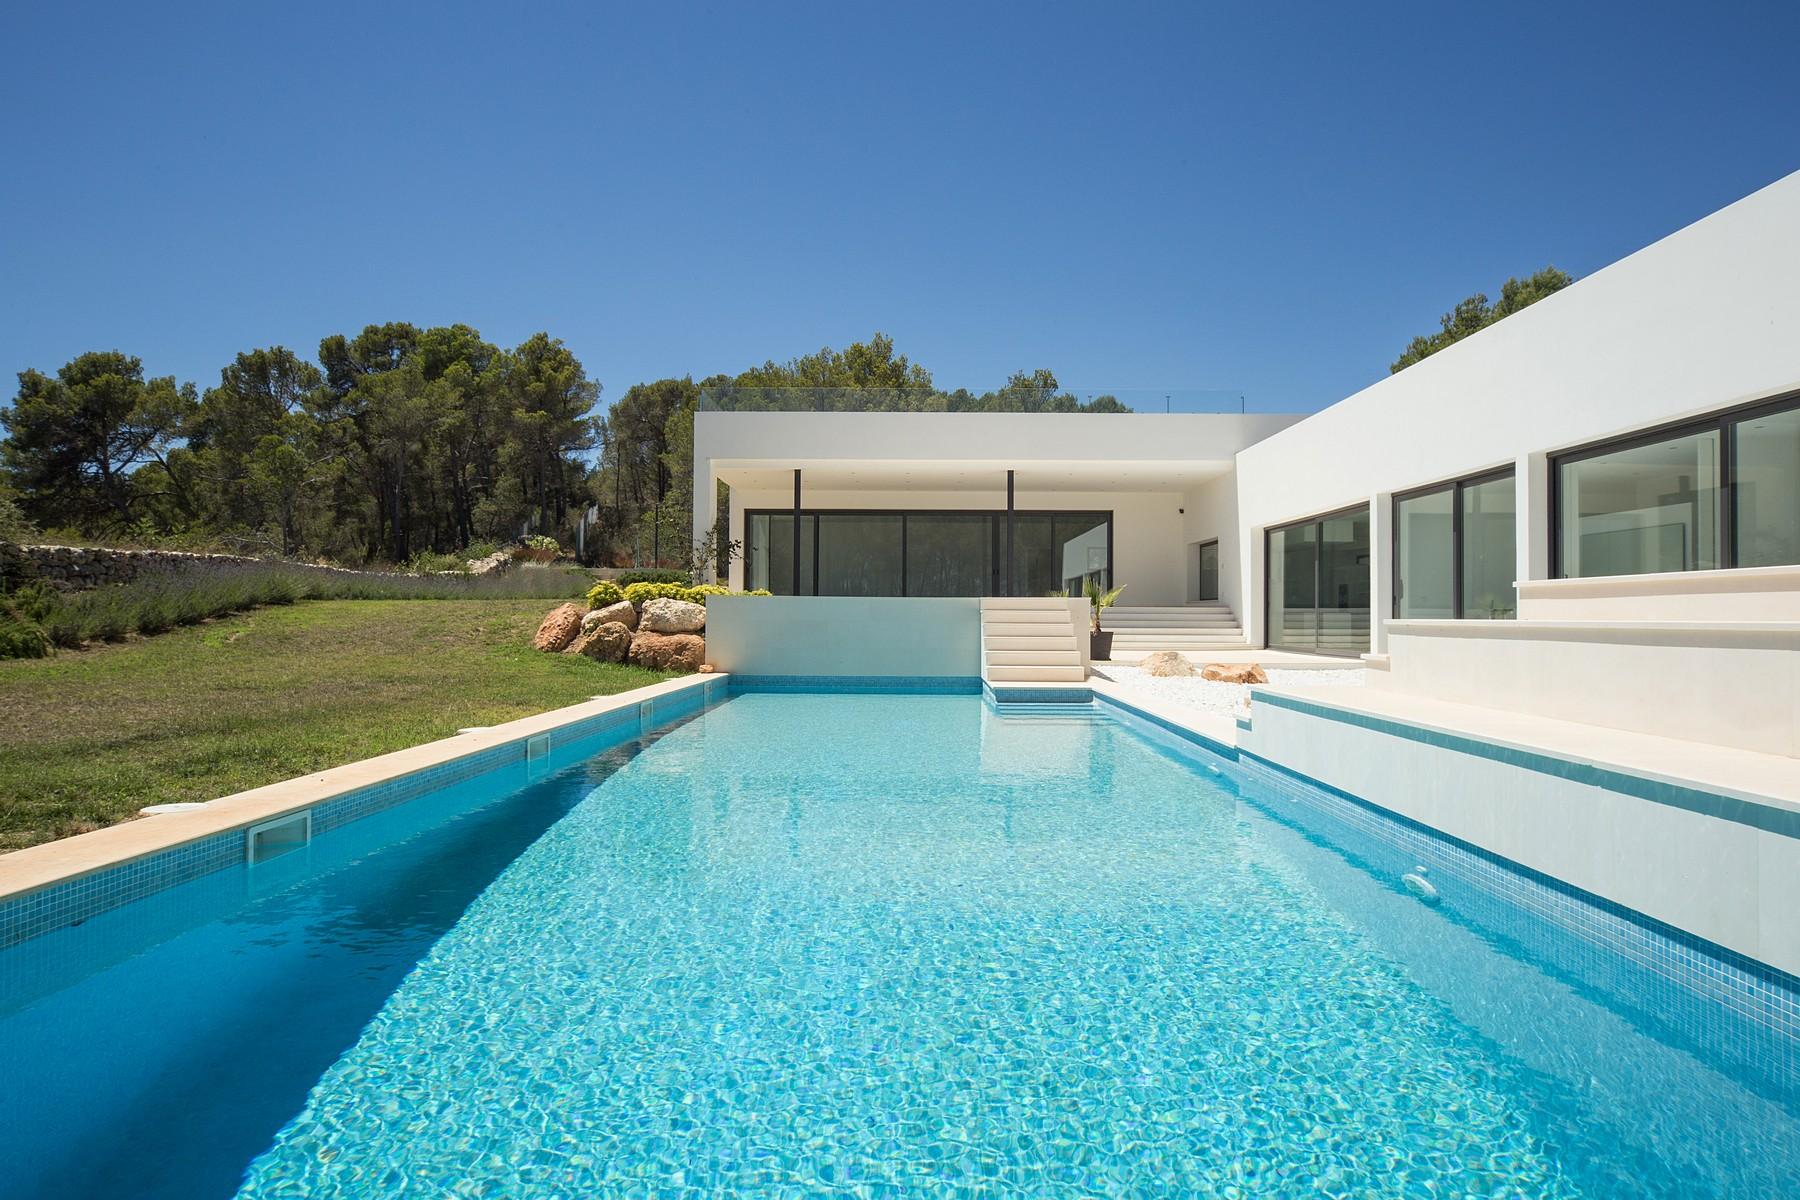 Einfamilienhaus für Verkauf beim Neubau-Villa mit Meerblick in Son Vida Son Vida, C. Lliucamet Son Vida, Mallorca, 0713 Spanien